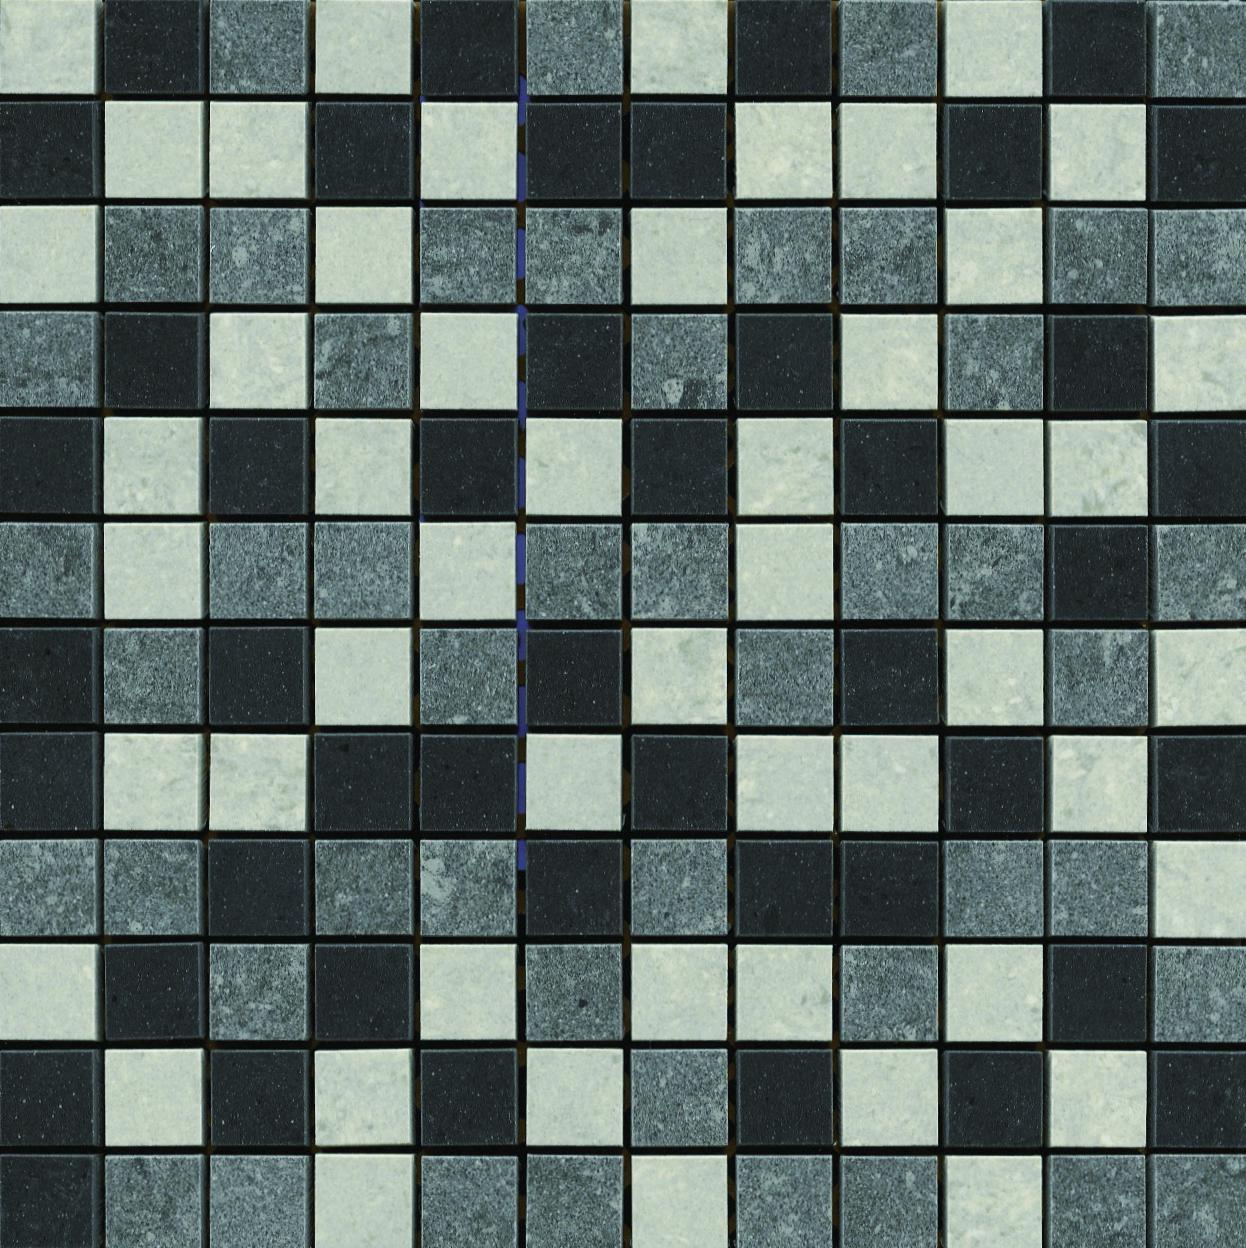 Elegance mosaic tiles